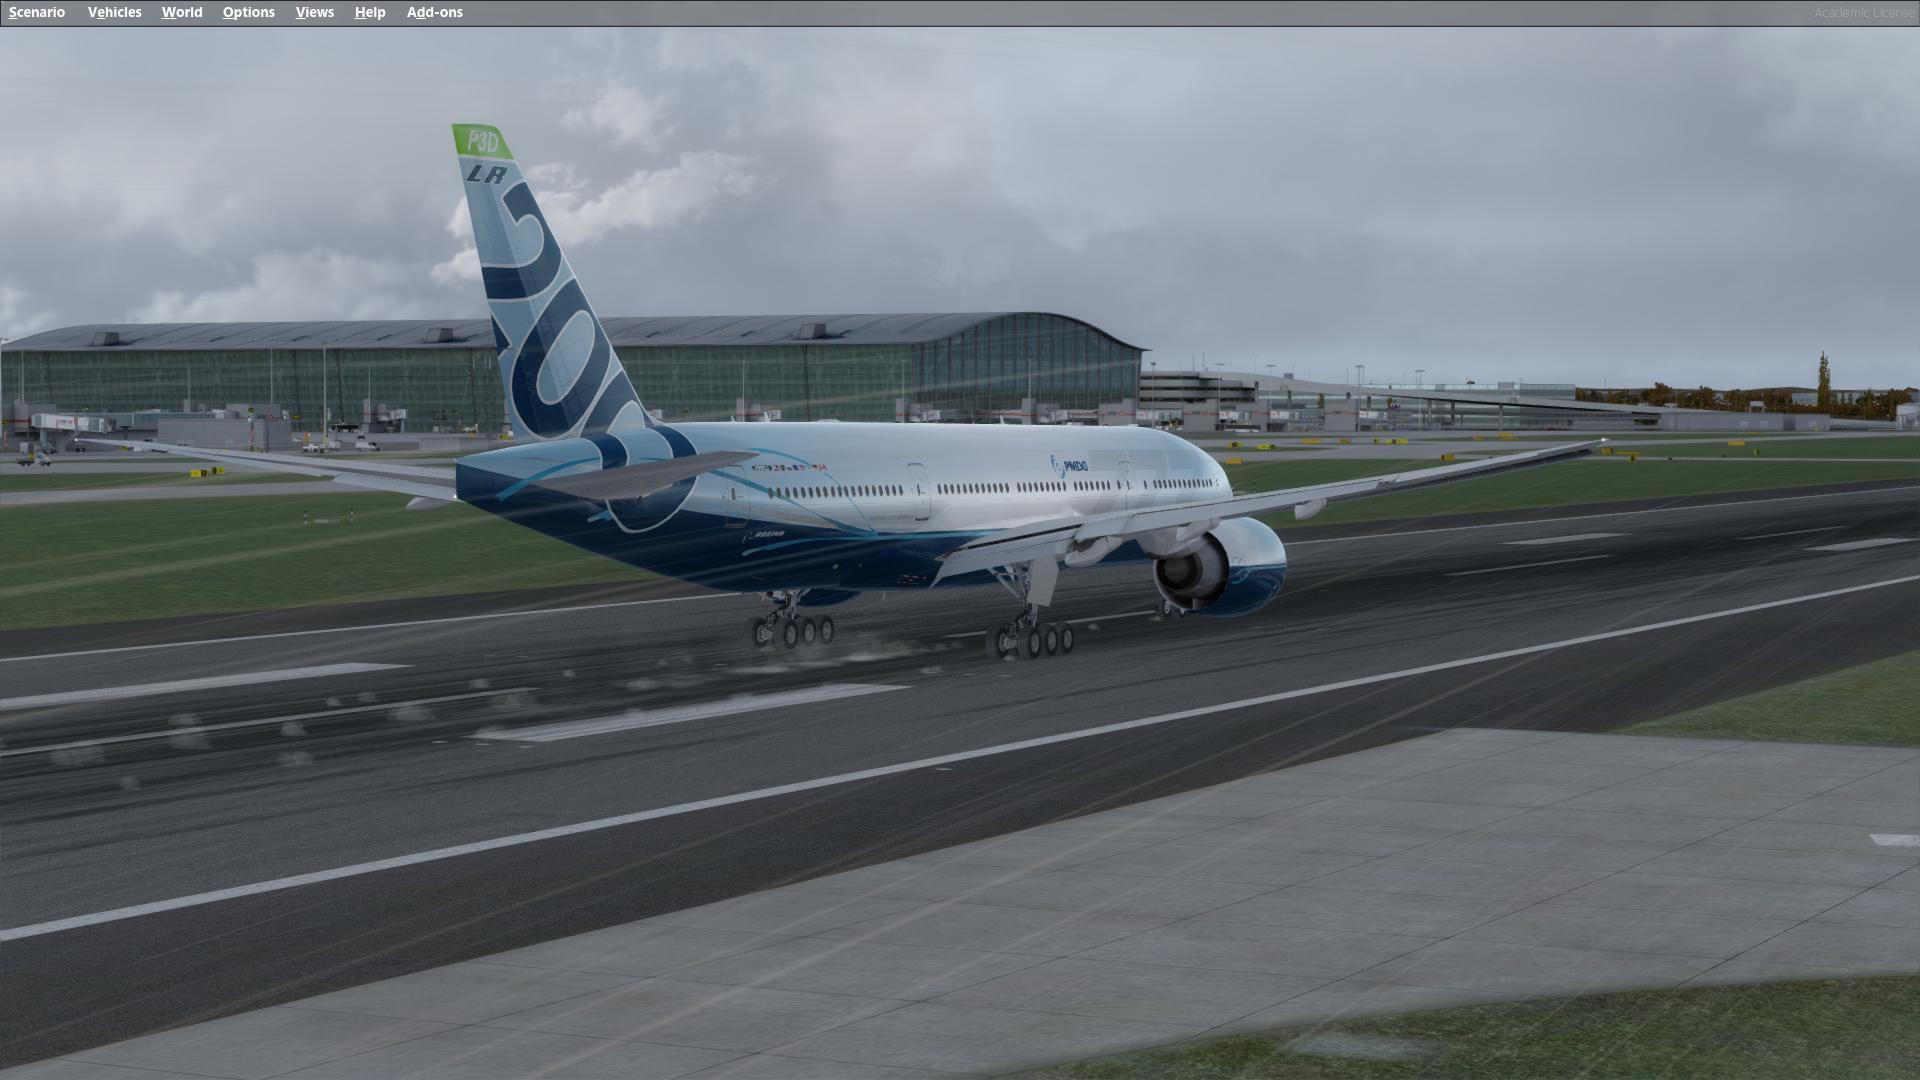 Será possível usar Simuladores para aprender a aterrar um avião real?